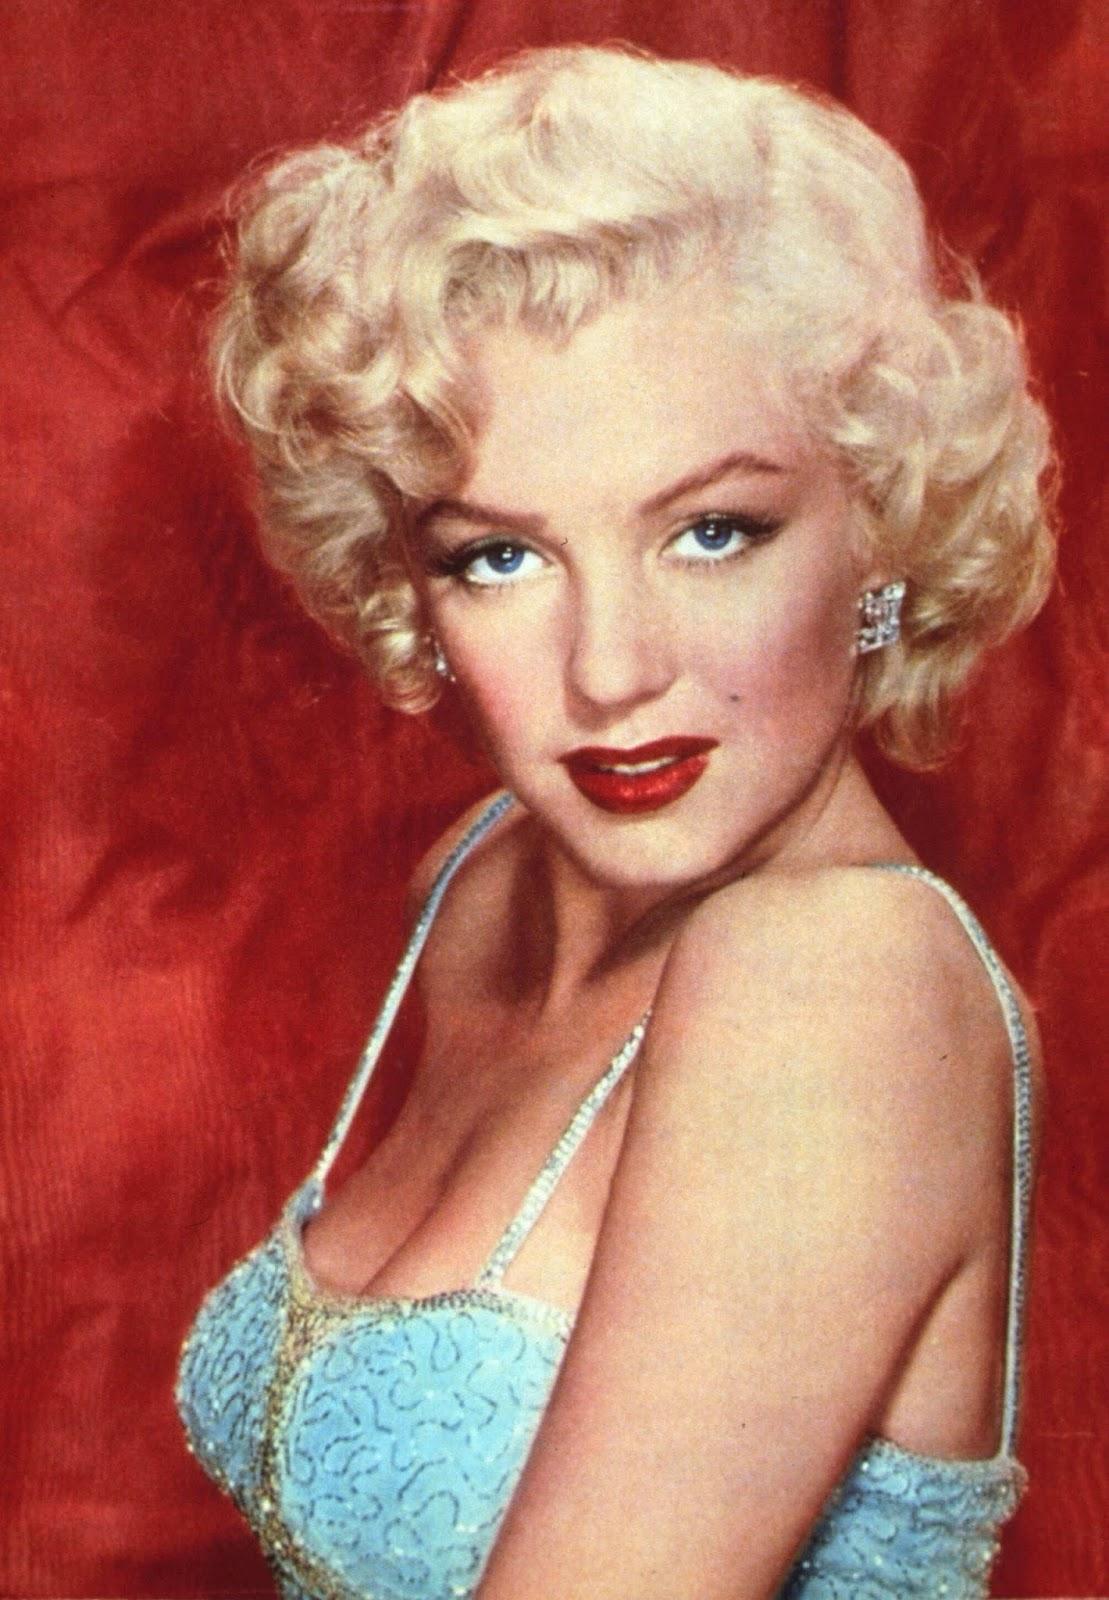 Marilyn Monroe desnuda - Fotos y Vídeos -